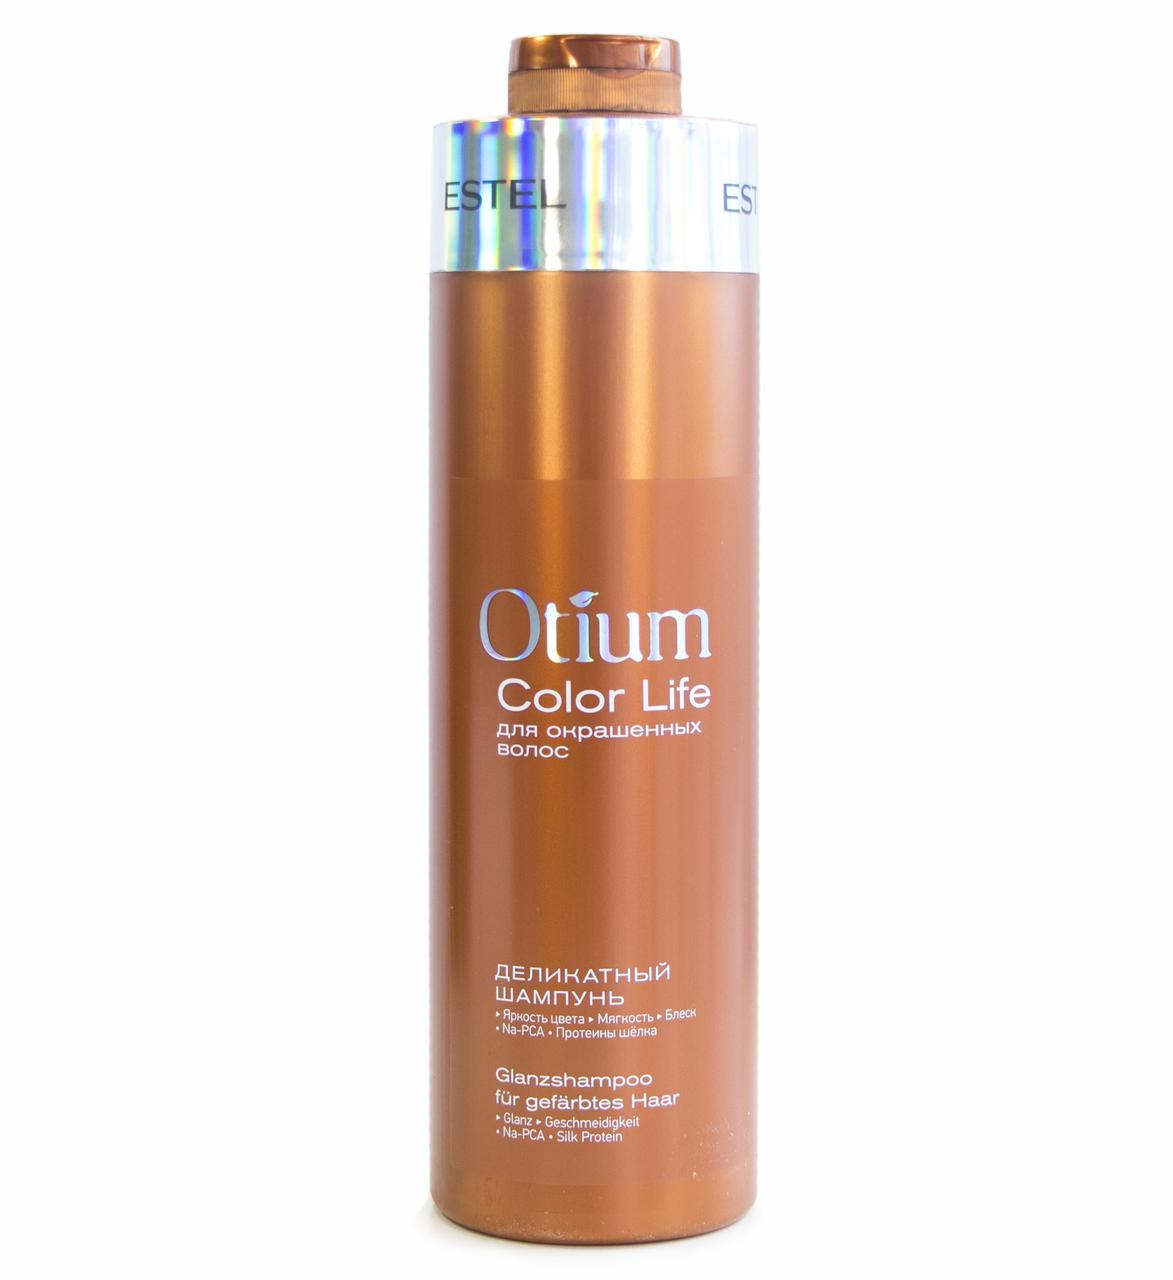 OTIUM mini - деликатный шампунь для окрашенных волос OTIUM COLOR LIFE